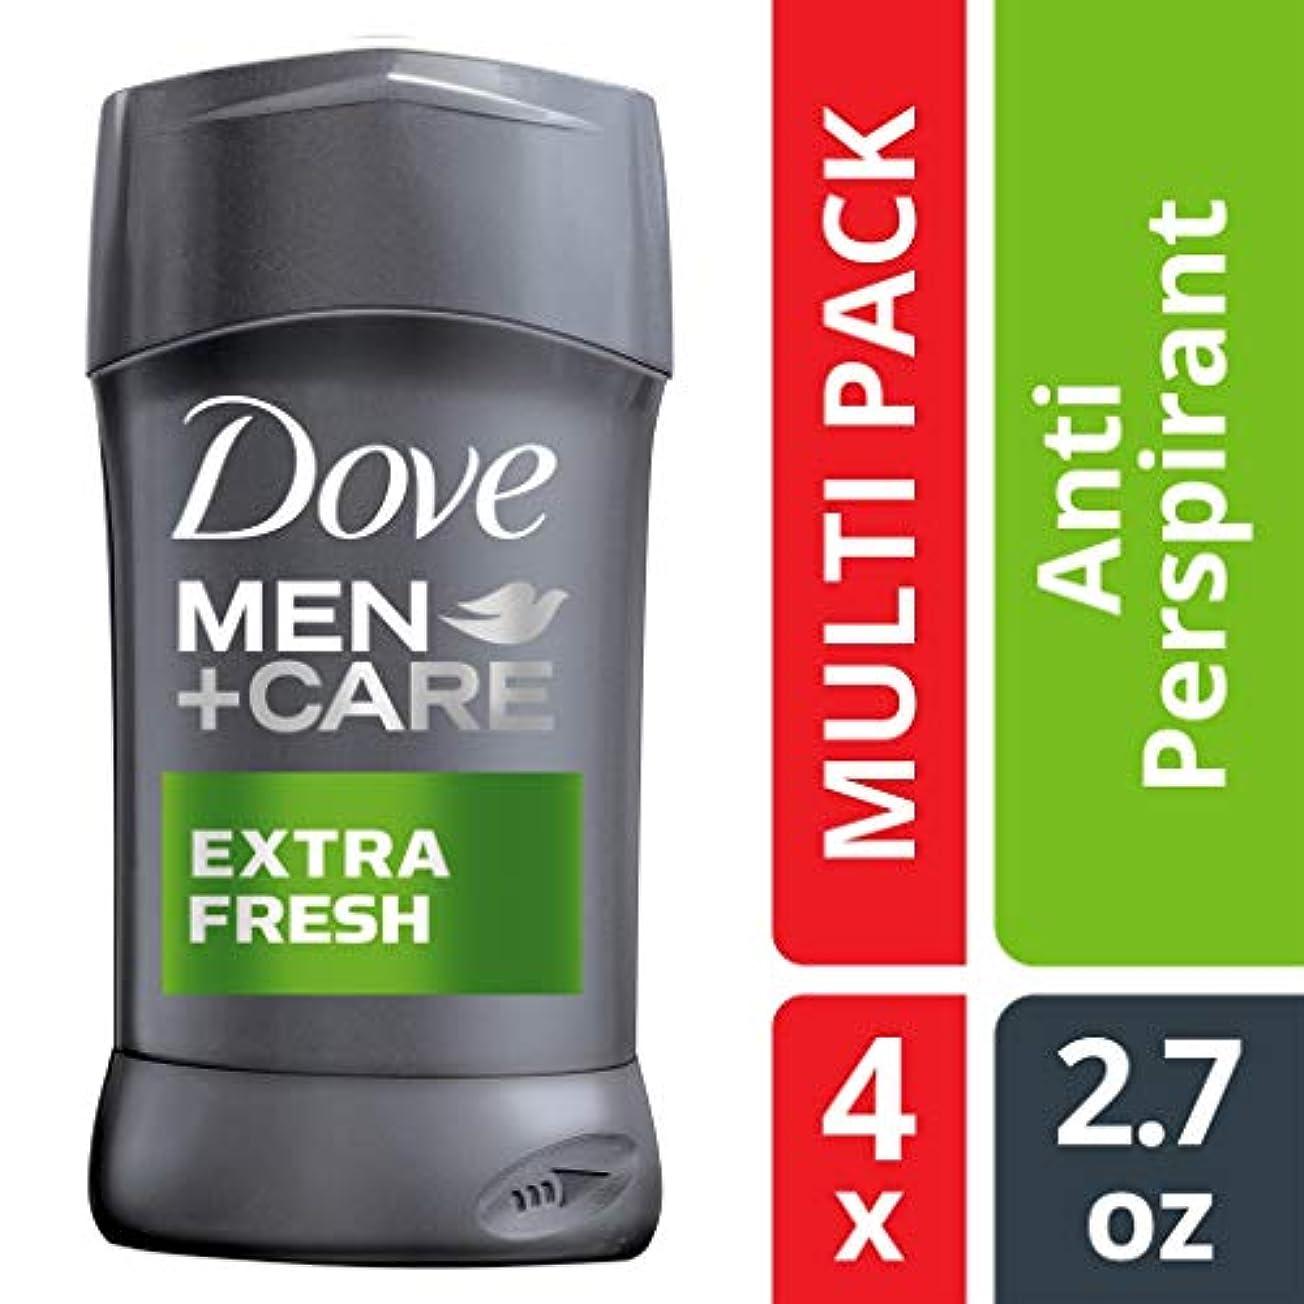 対処するスキャン深くDove メンズ ケア用 発汗抑制消臭スティック エクストラフレッシュ 2.7オンス 4本入り